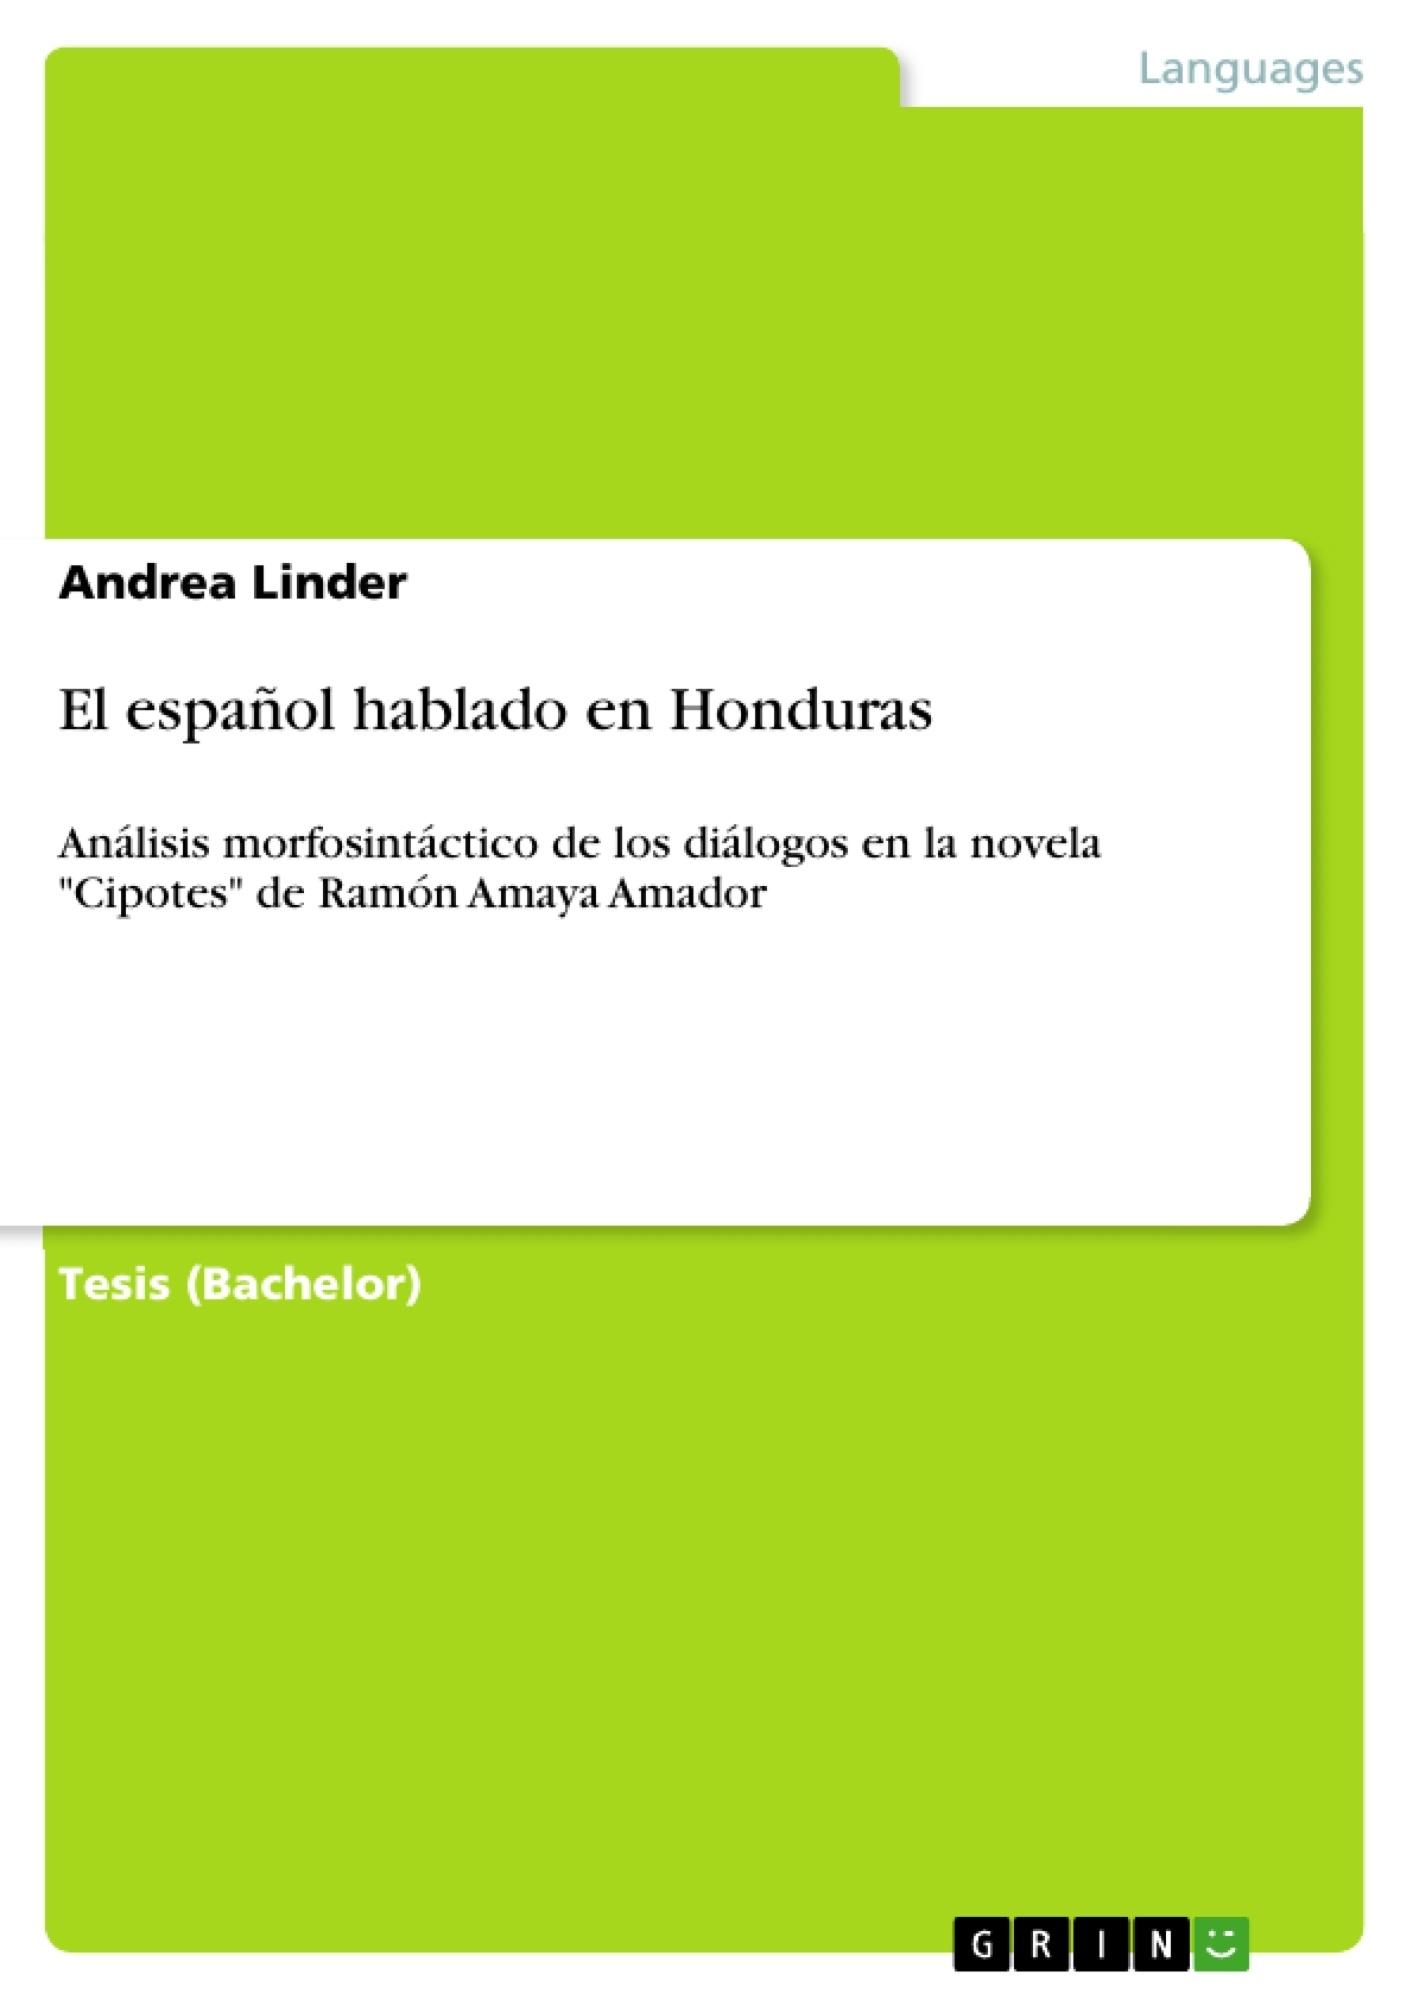 Título: El español hablado en Honduras